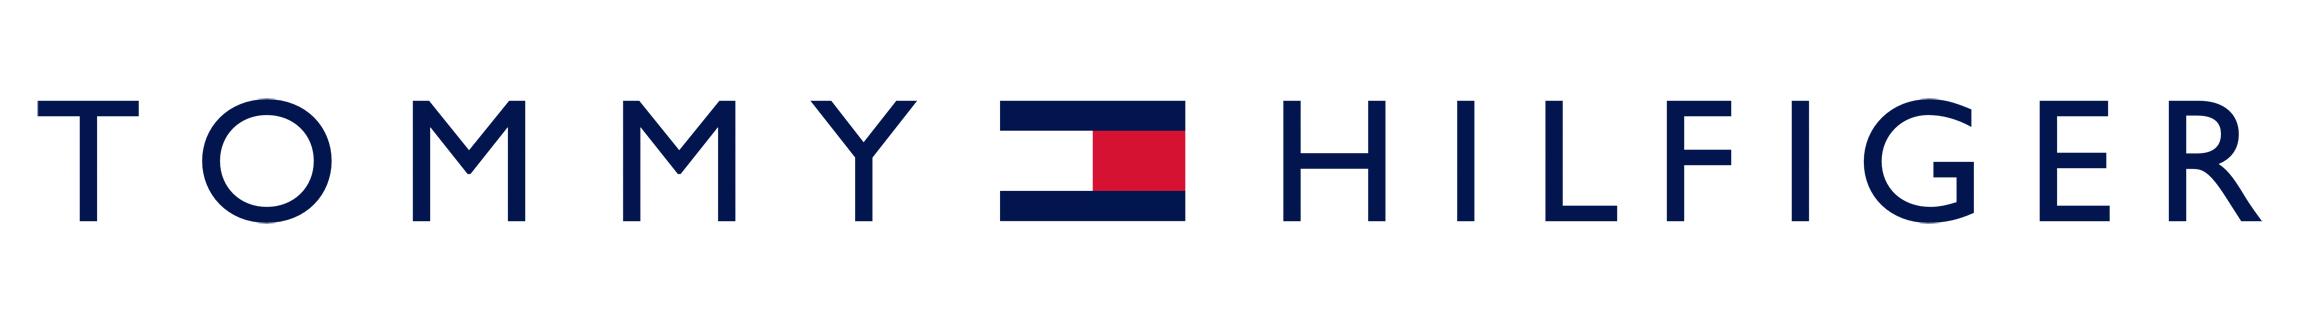 tommy hilfiger logo tommy hilfiger symbol meaning. Black Bedroom Furniture Sets. Home Design Ideas